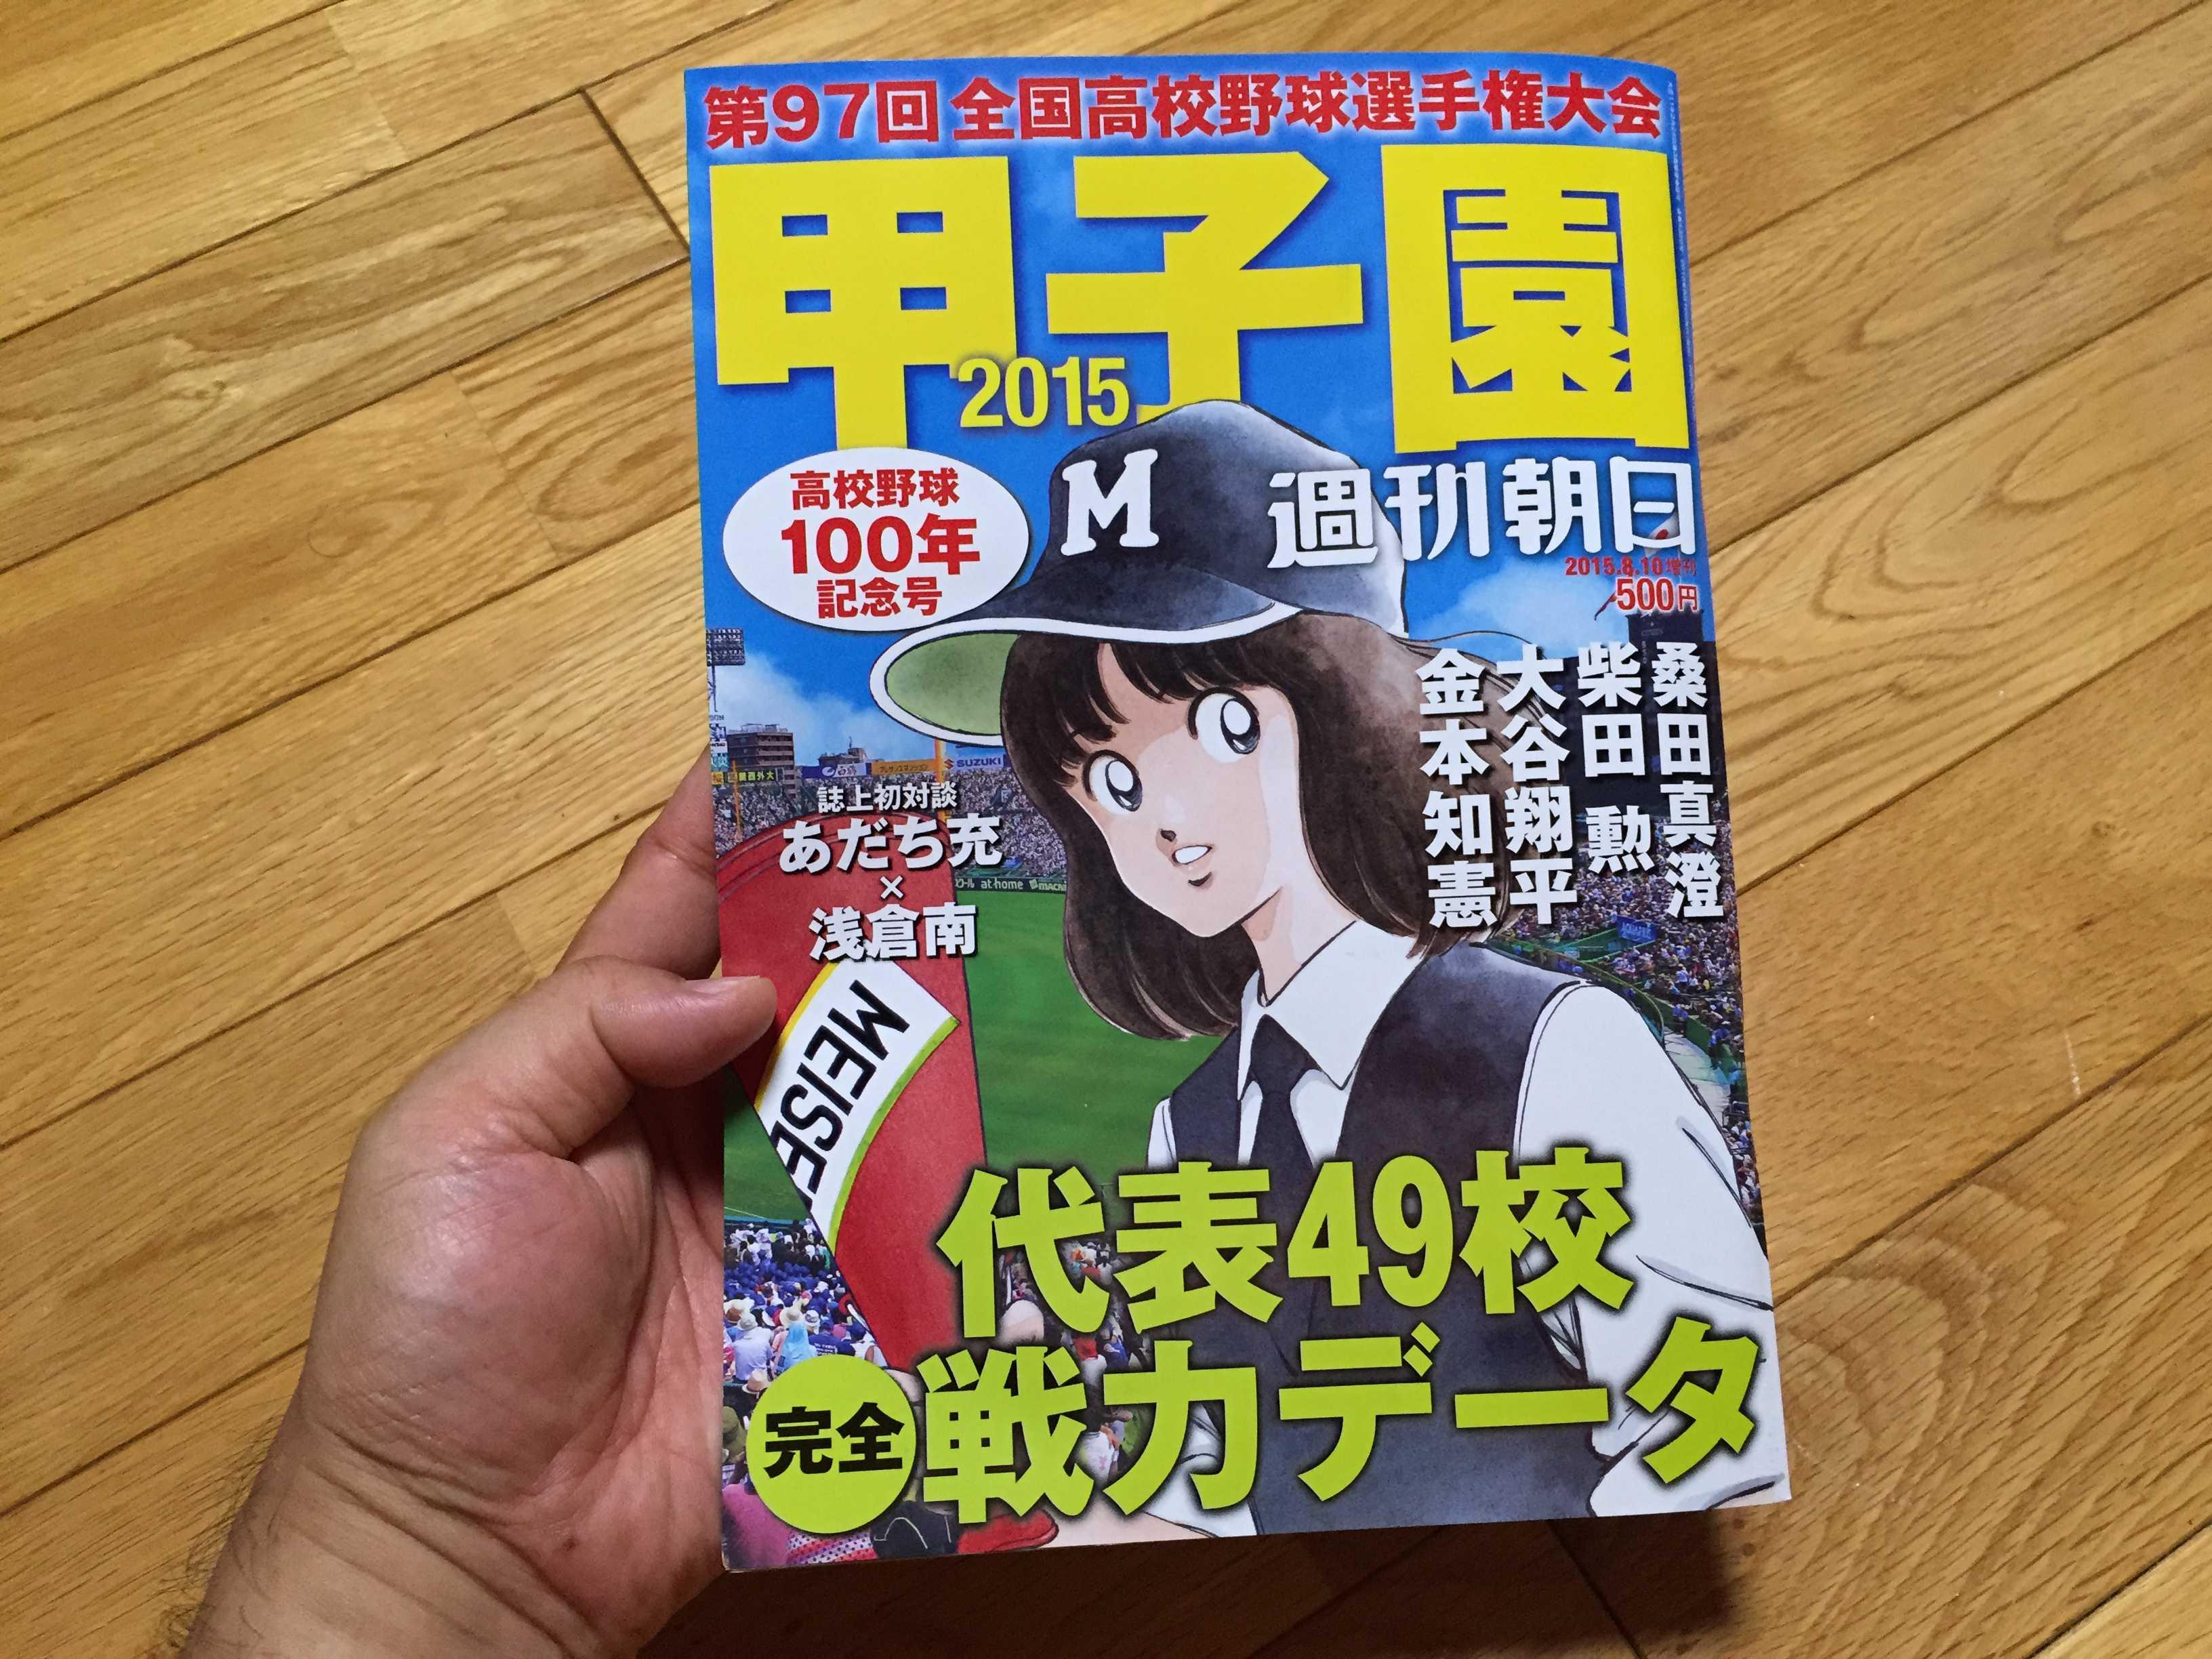 週刊朝日増刊号「甲子園 2015(高校野球100年記念号)」